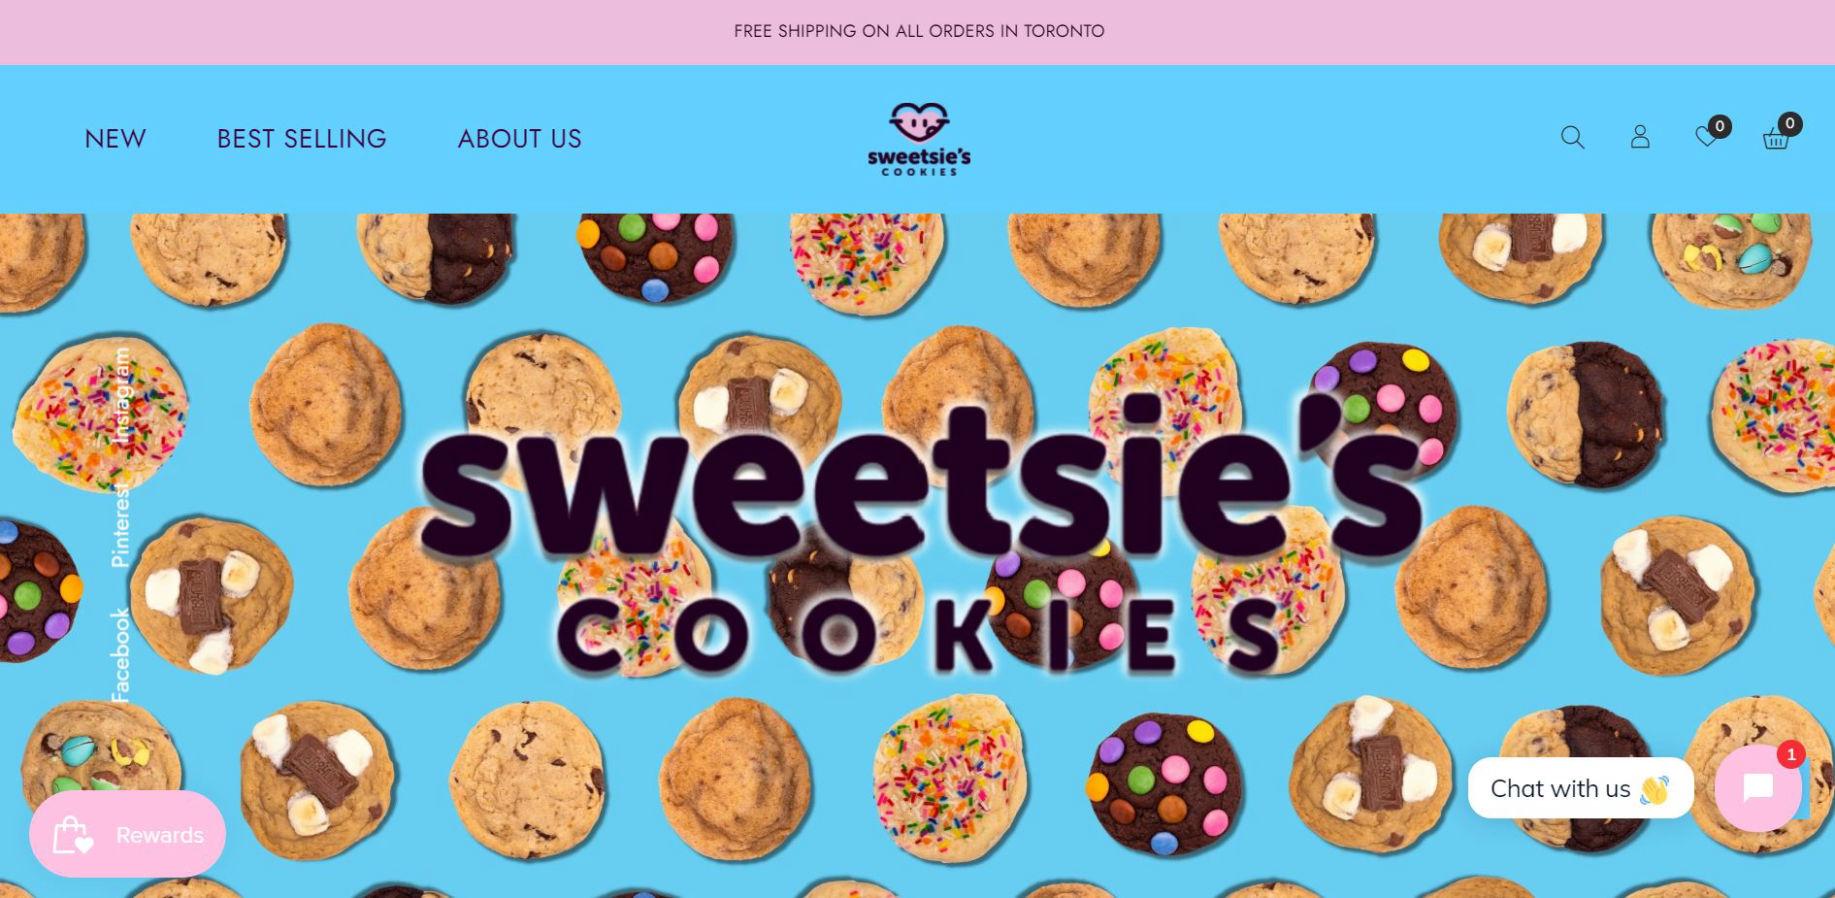 Sweetsies Cookies Website and Marketing